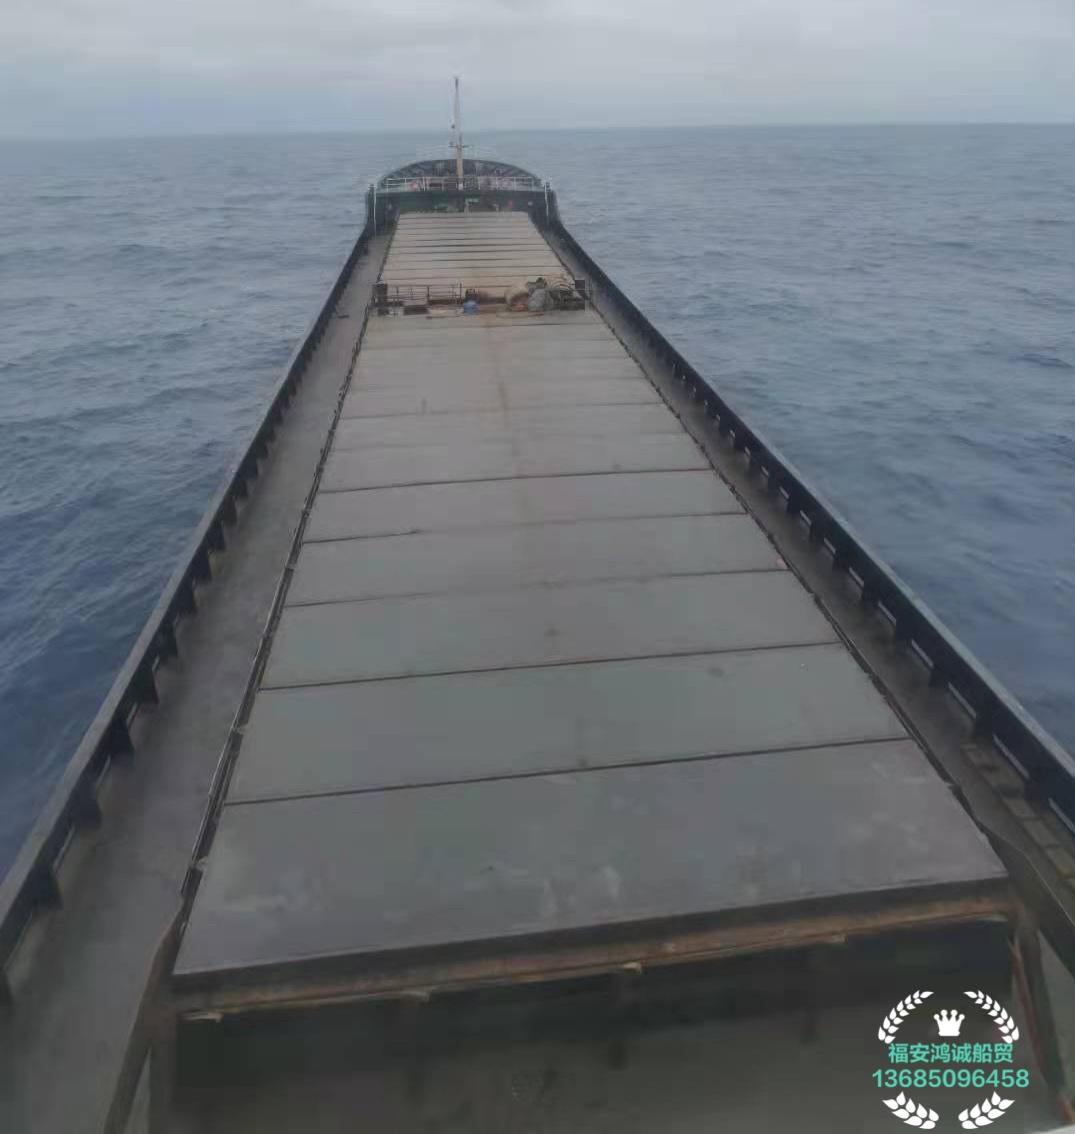 出售3500吨干散货船